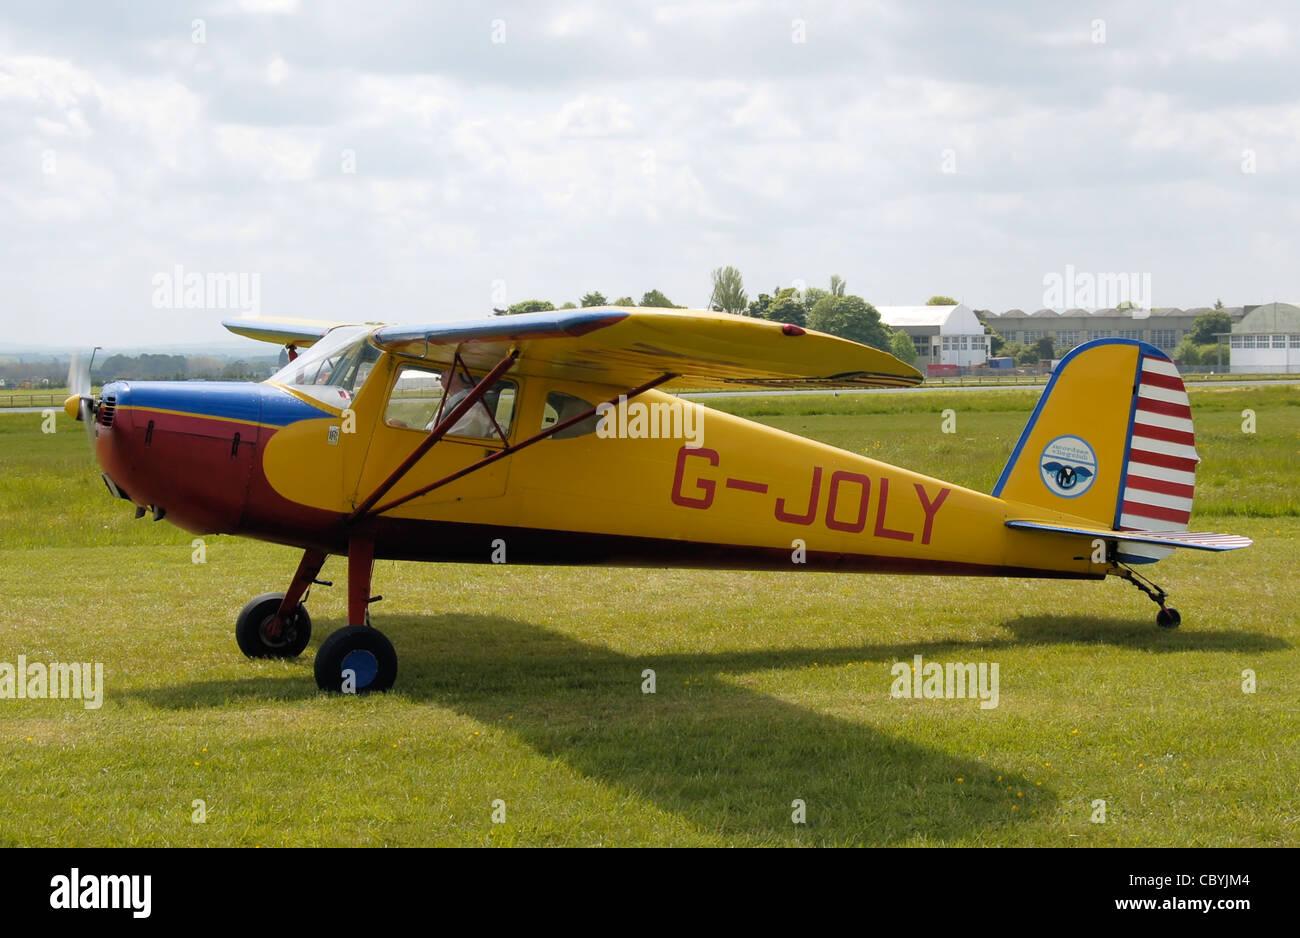 : Cessna 120 (G-Joly), construido en 1947, en un avión antiguo rally (el Gran Vintage volando en fin de semana), Imagen De Stock